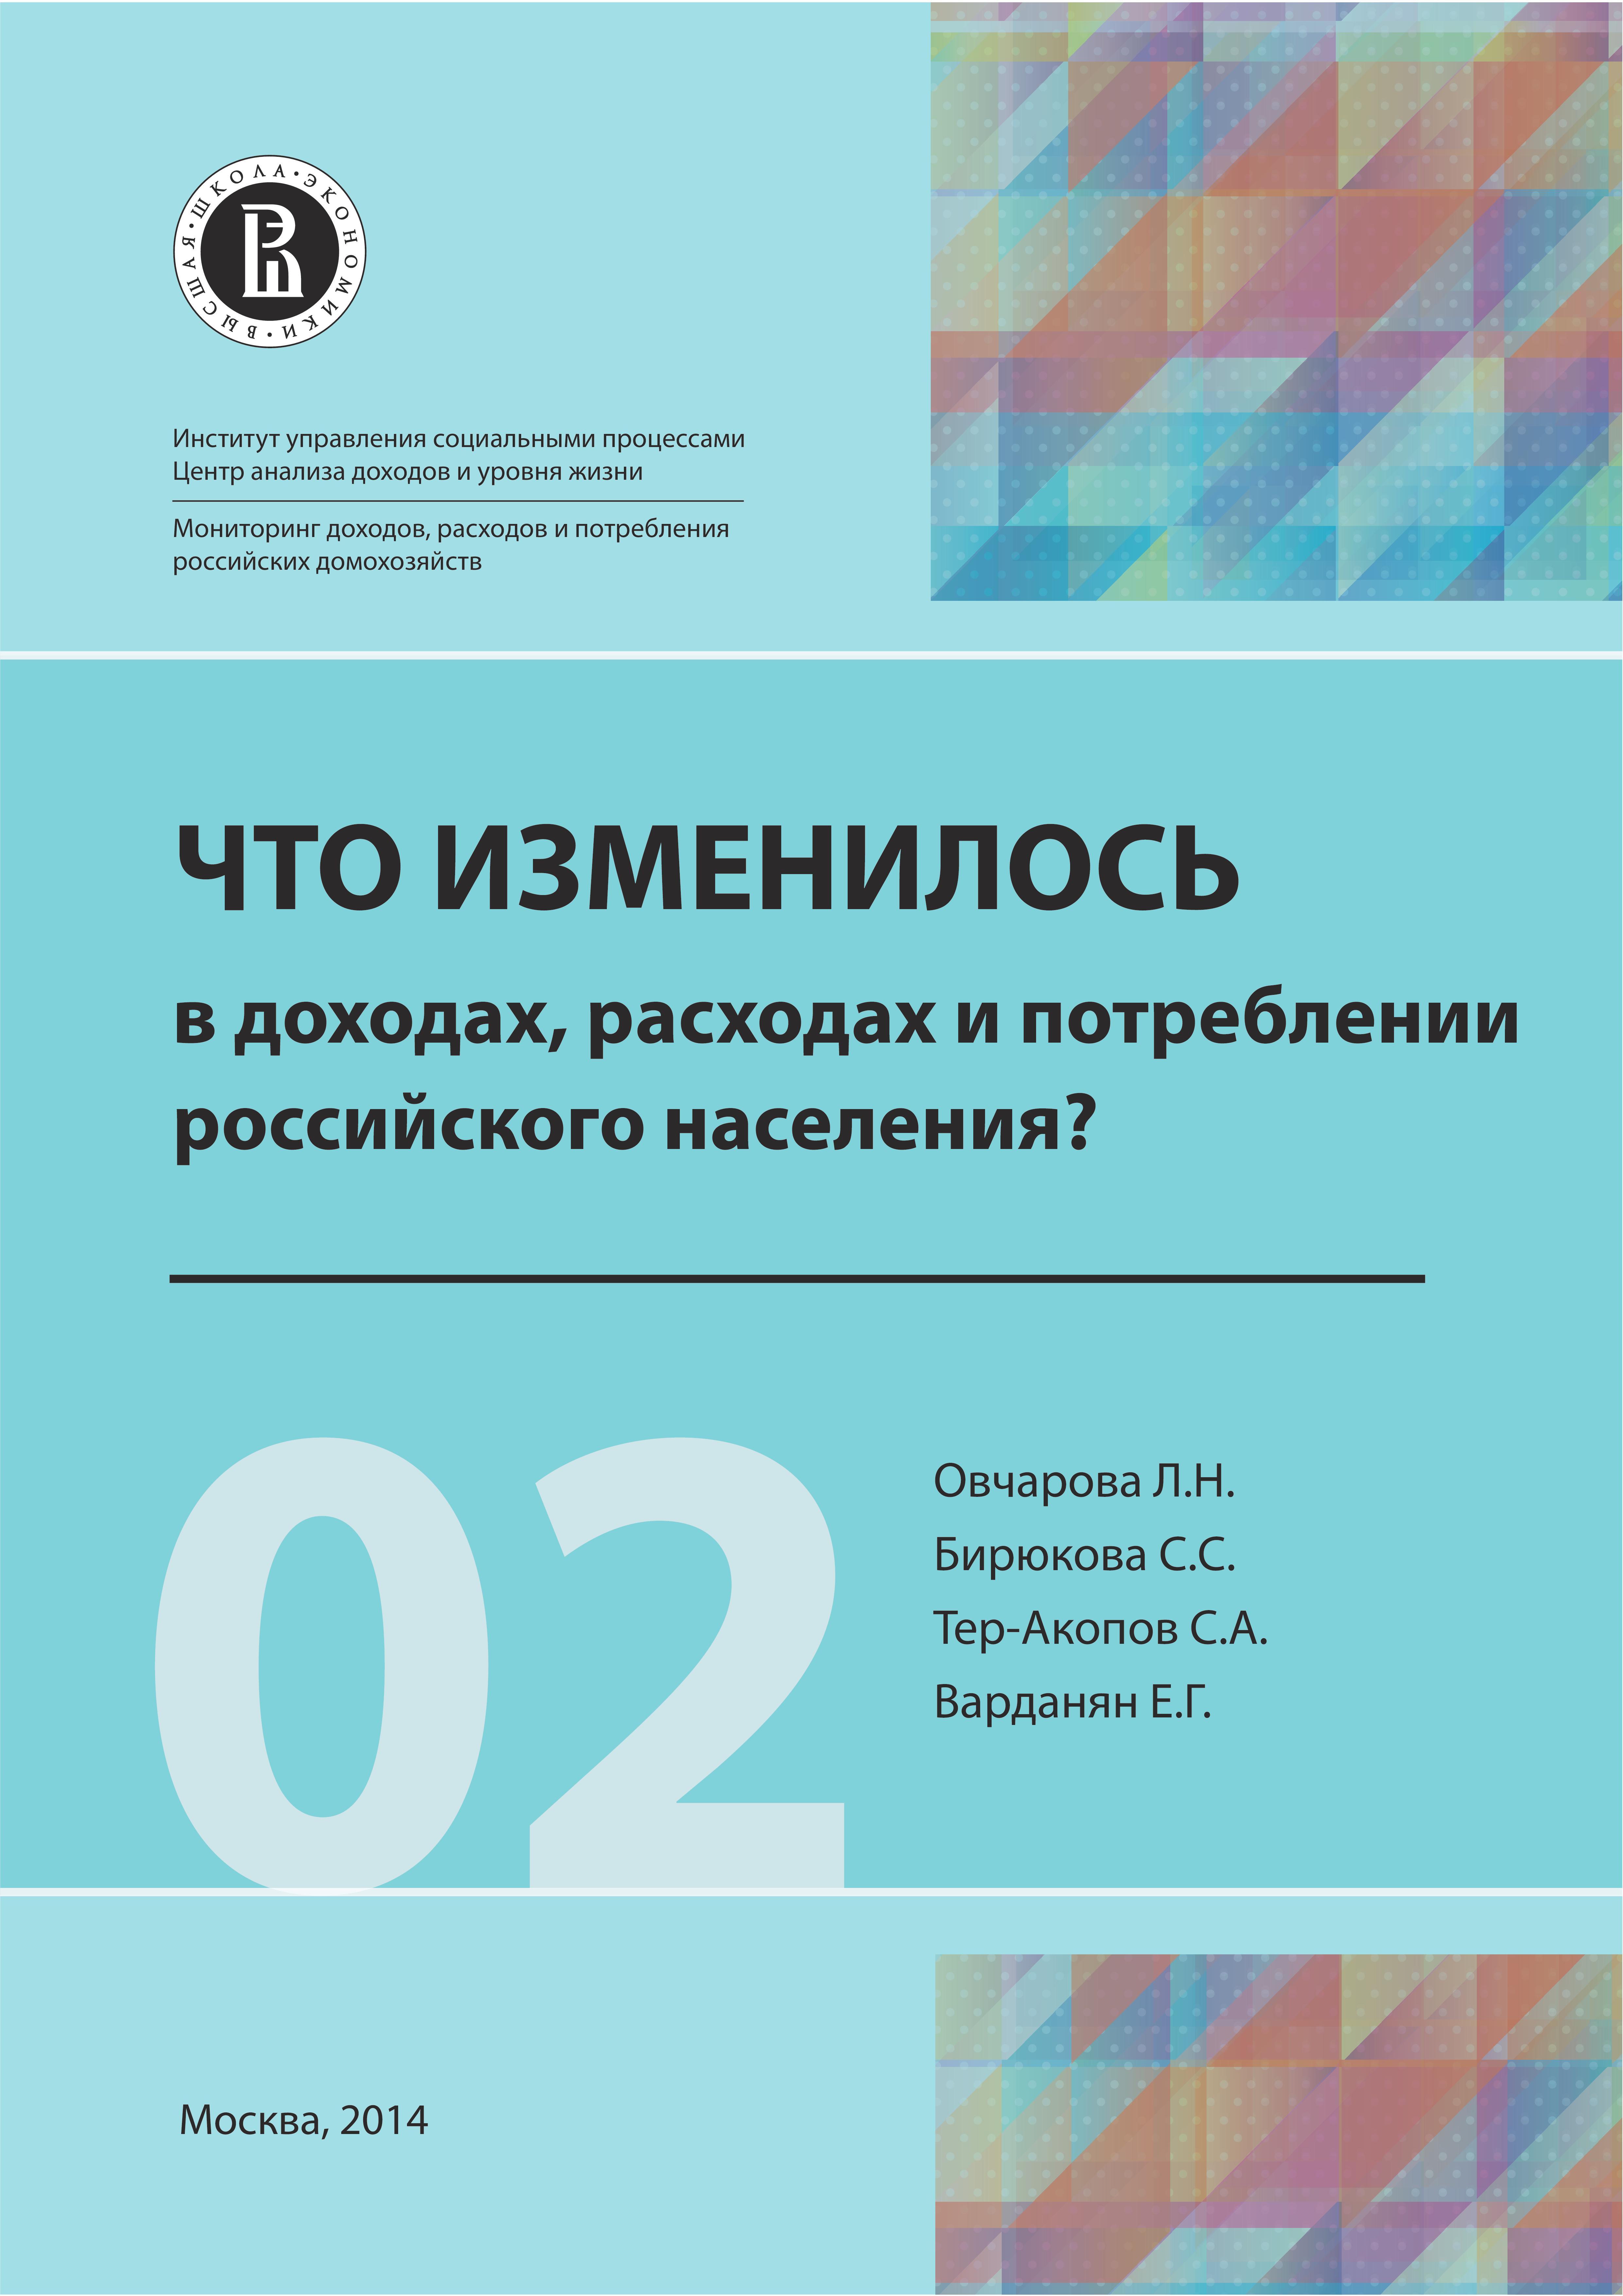 Что изменилось в доходах, расходах и потреблении российского населения?